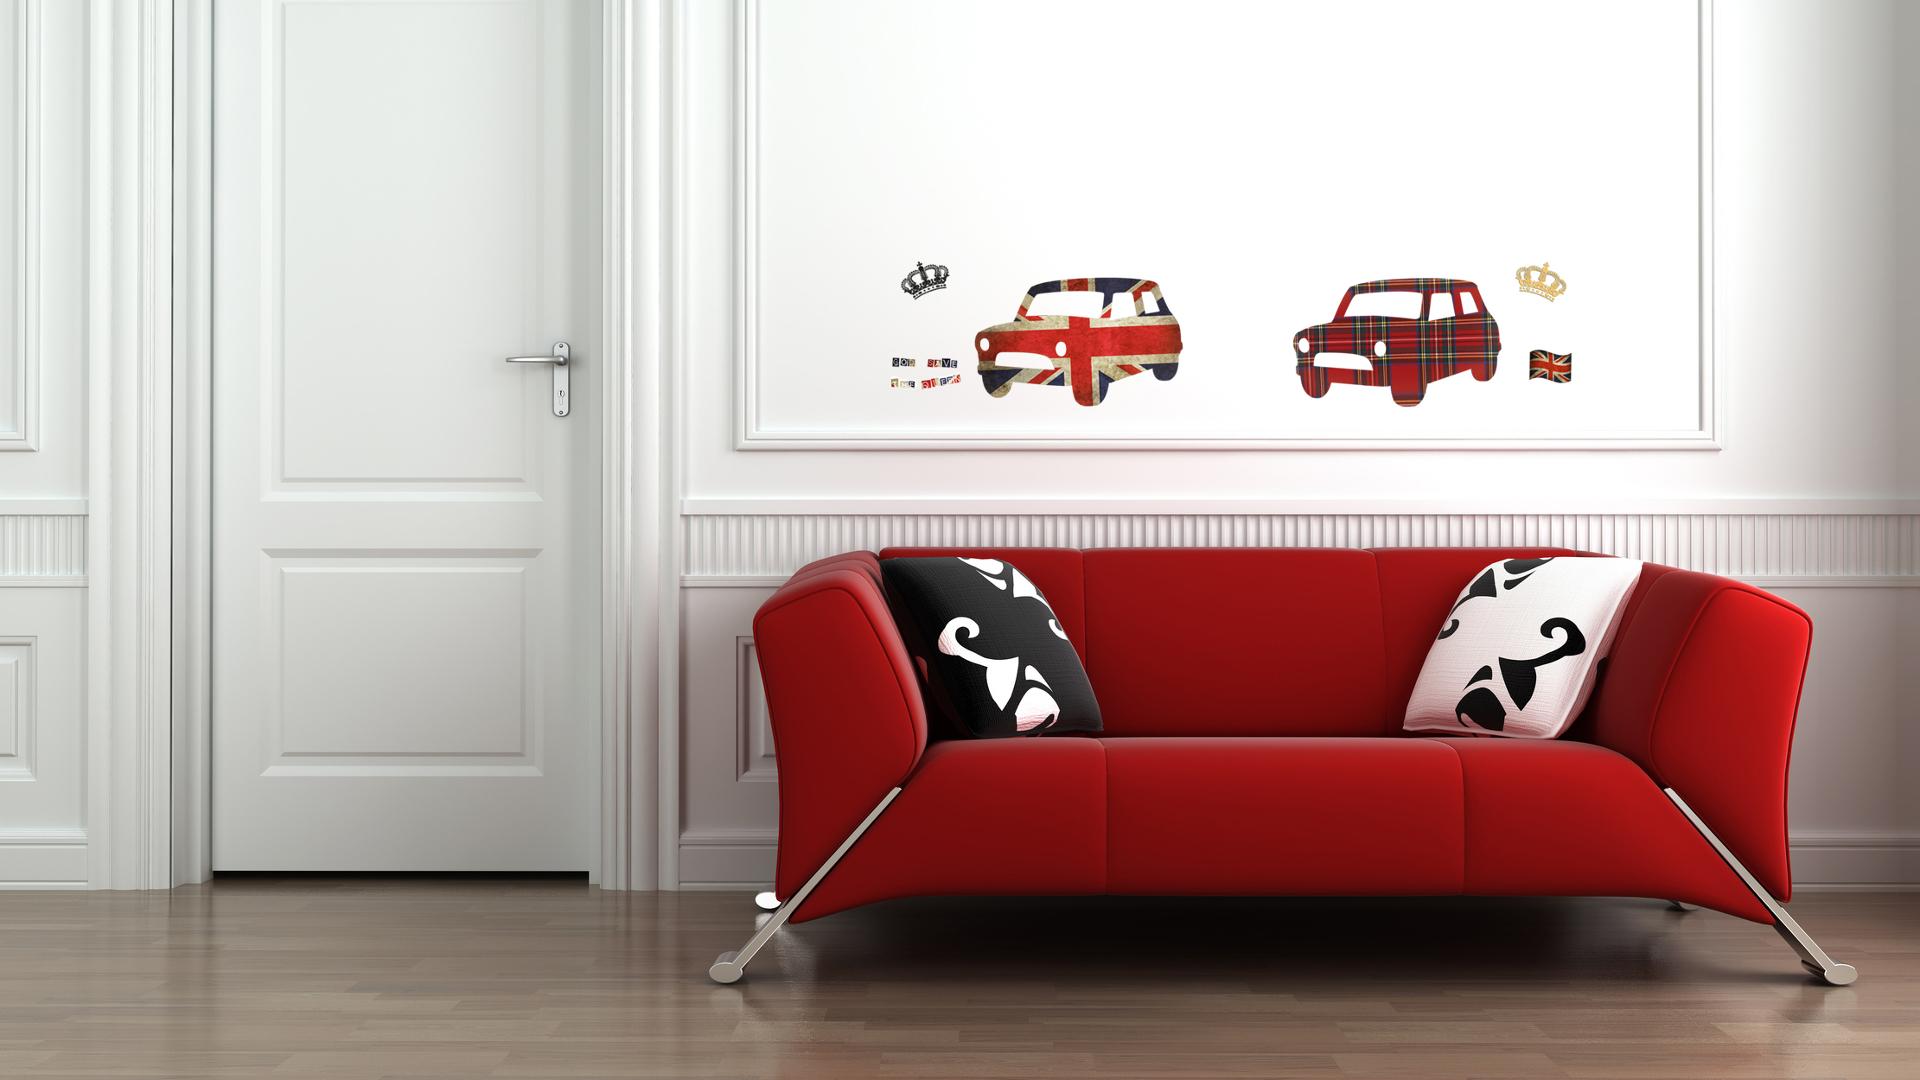 Dise o y rotulaci n c mo elegir el vinilo decorativo for Diseno hogar mendoza